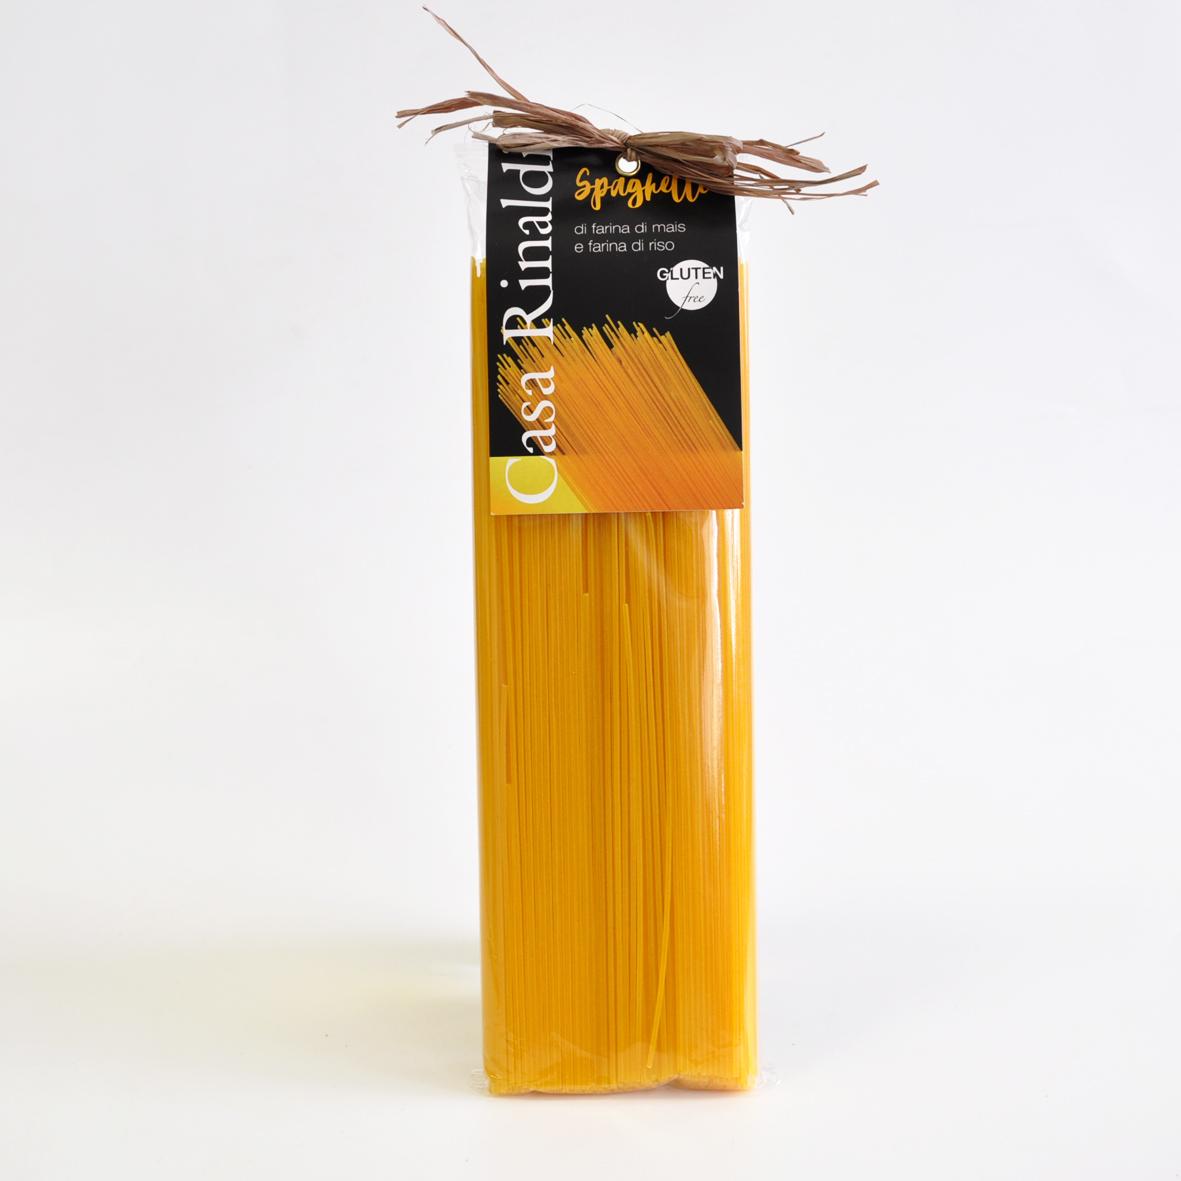 Паста Casa Rinaldi Спагетти без глютена из кукурузной и рисовой муки 500 г